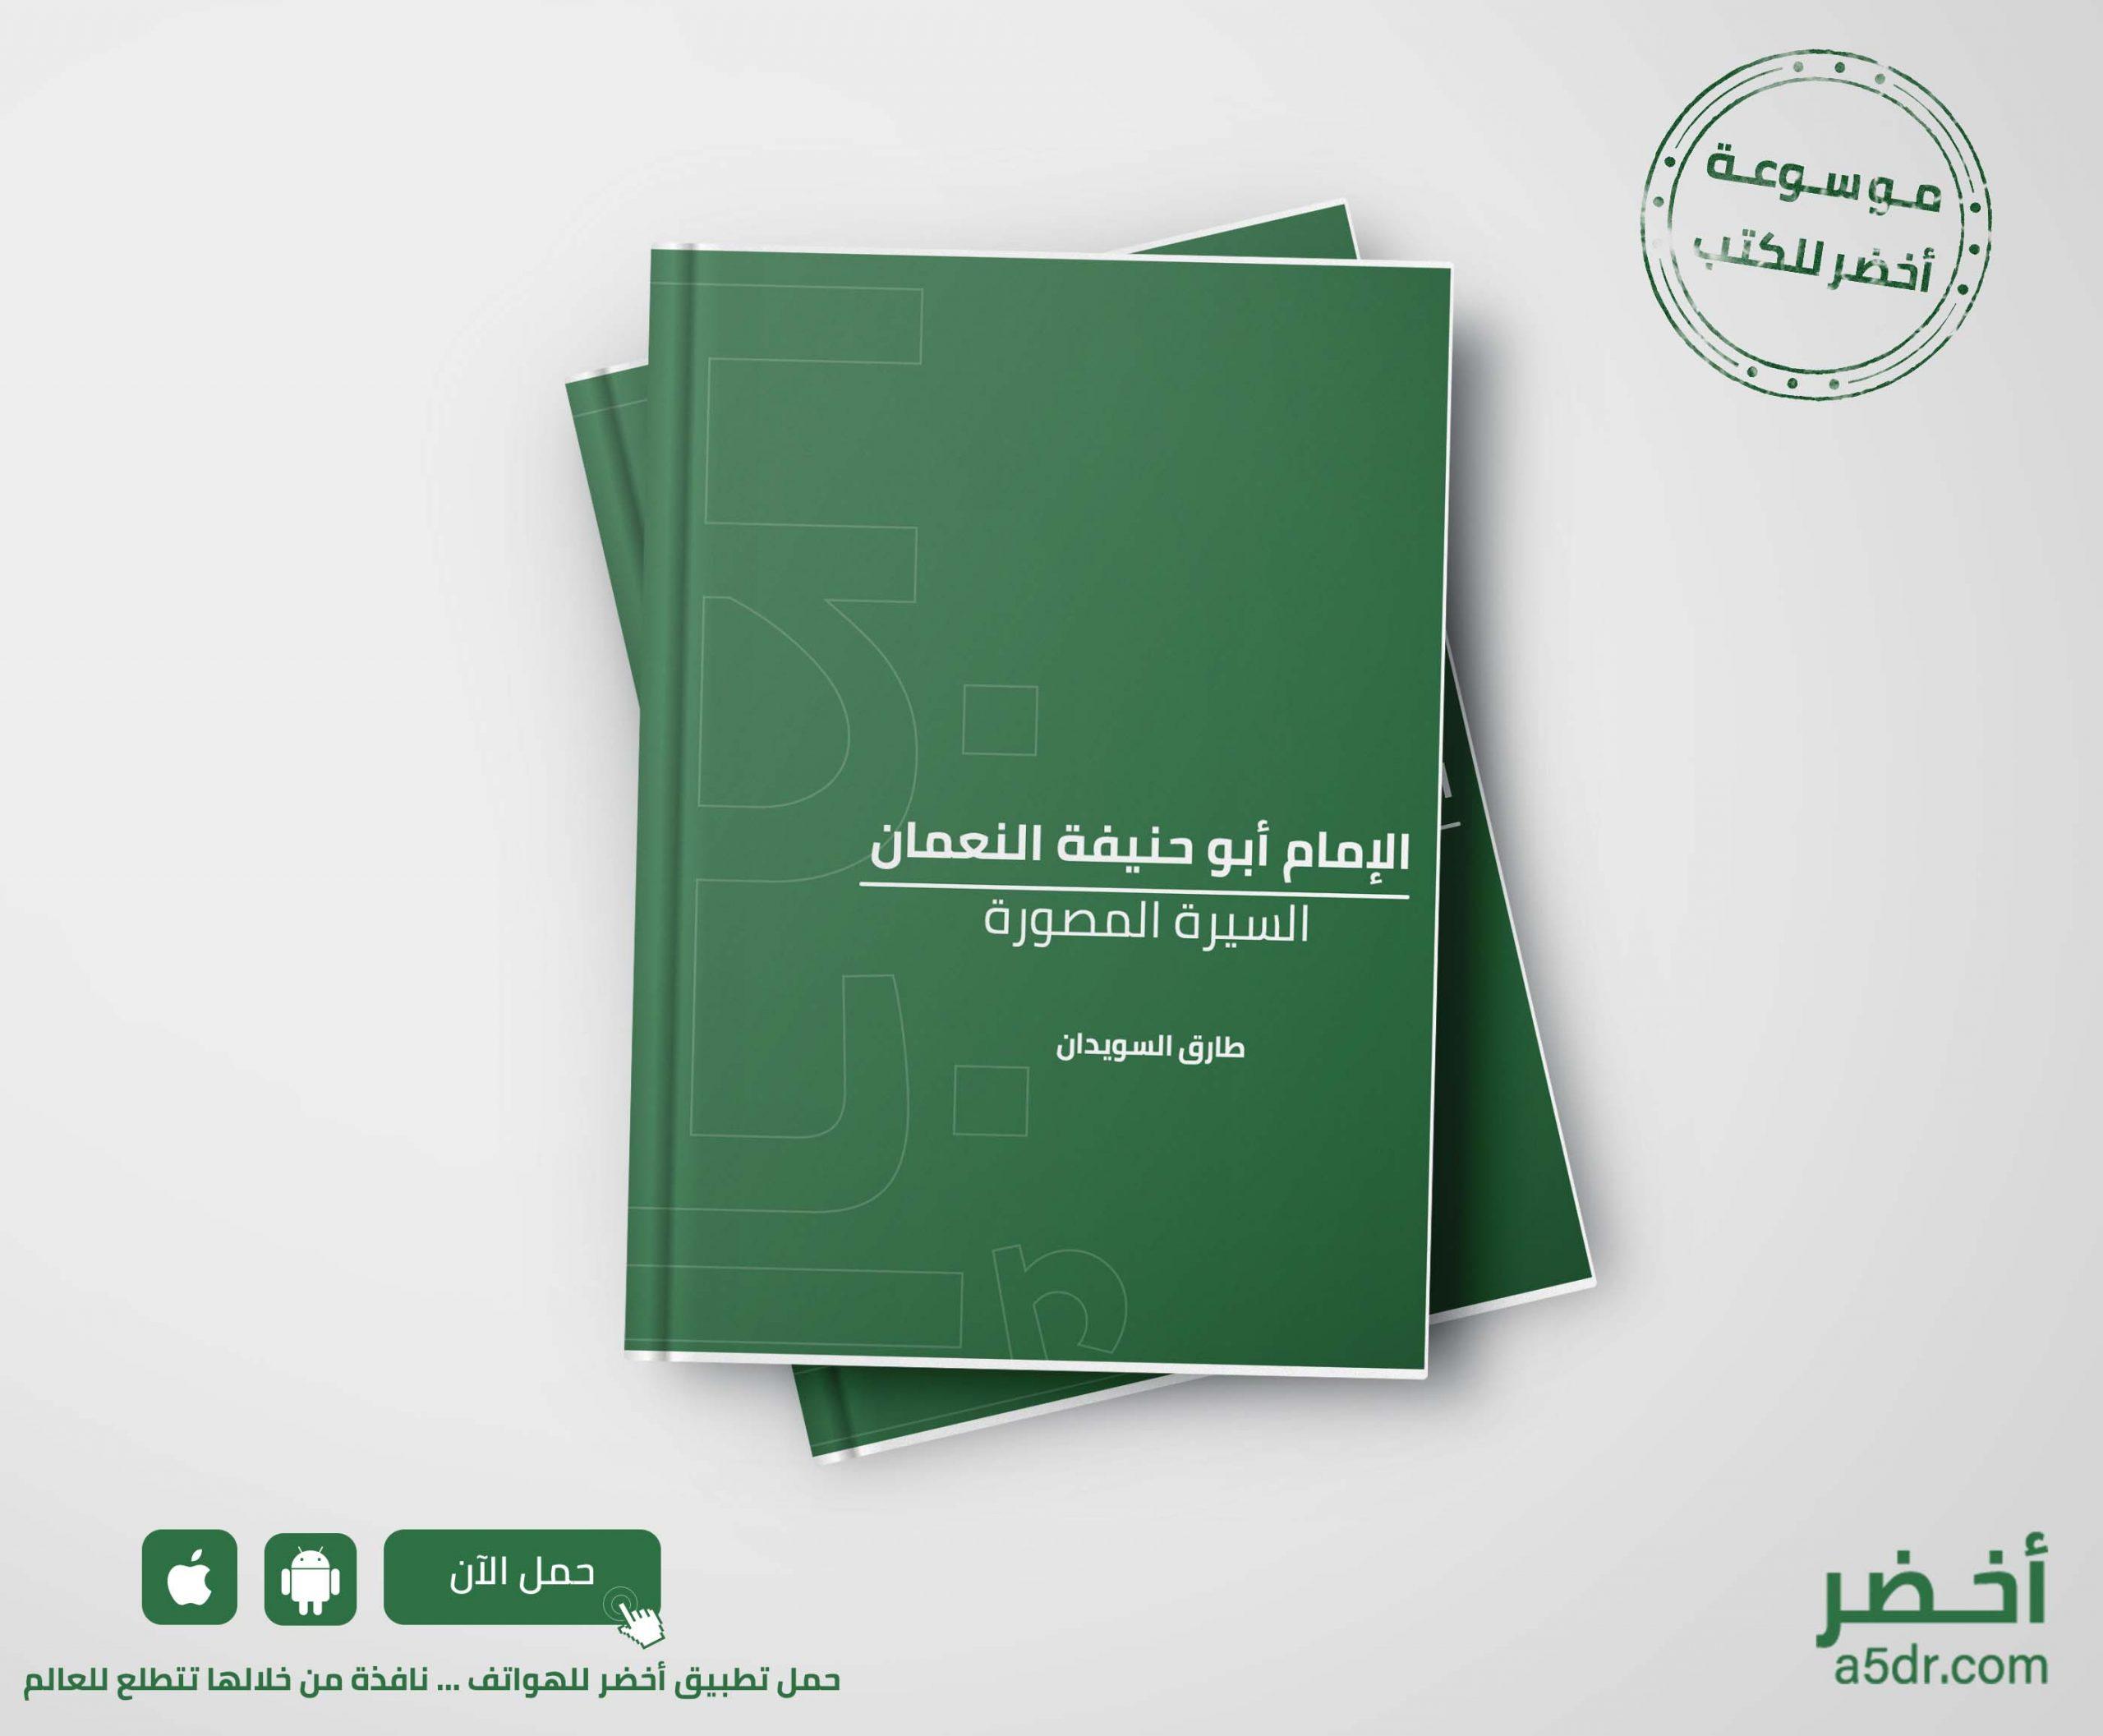 كتاب الإمام أبو حنيفة النعمان: السيرة المصورة - طارق السويدان